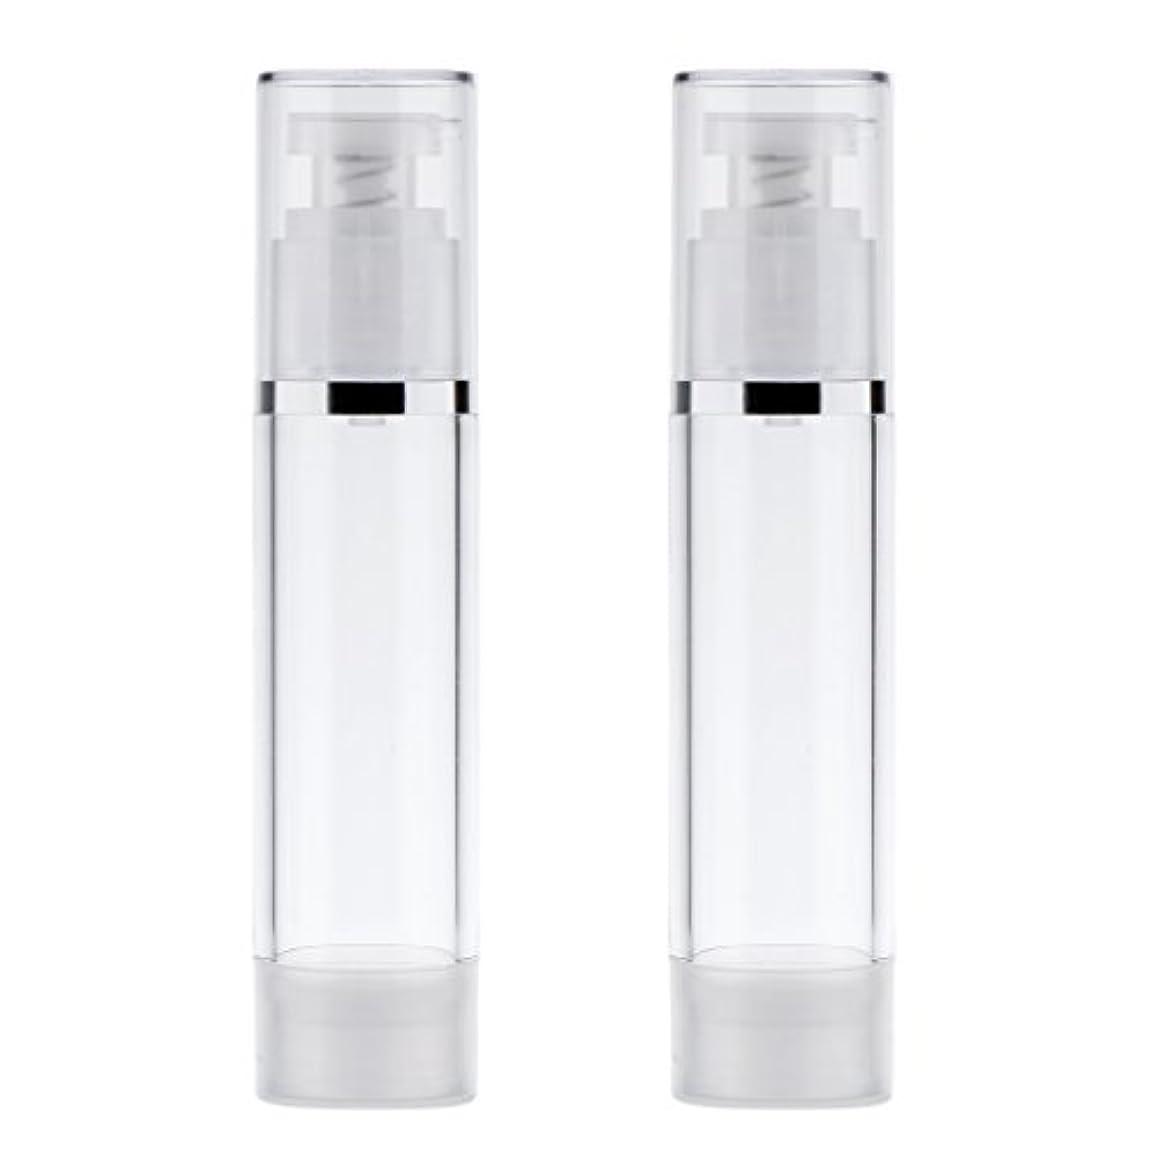 回転するエレメンタルスチュアート島2個 ポンプボトル ポンプチューブ エアレスボトル ディスペンサー コスメ 詰替えボトル 旅行小物 出張 3サイズ選べる - 50ml